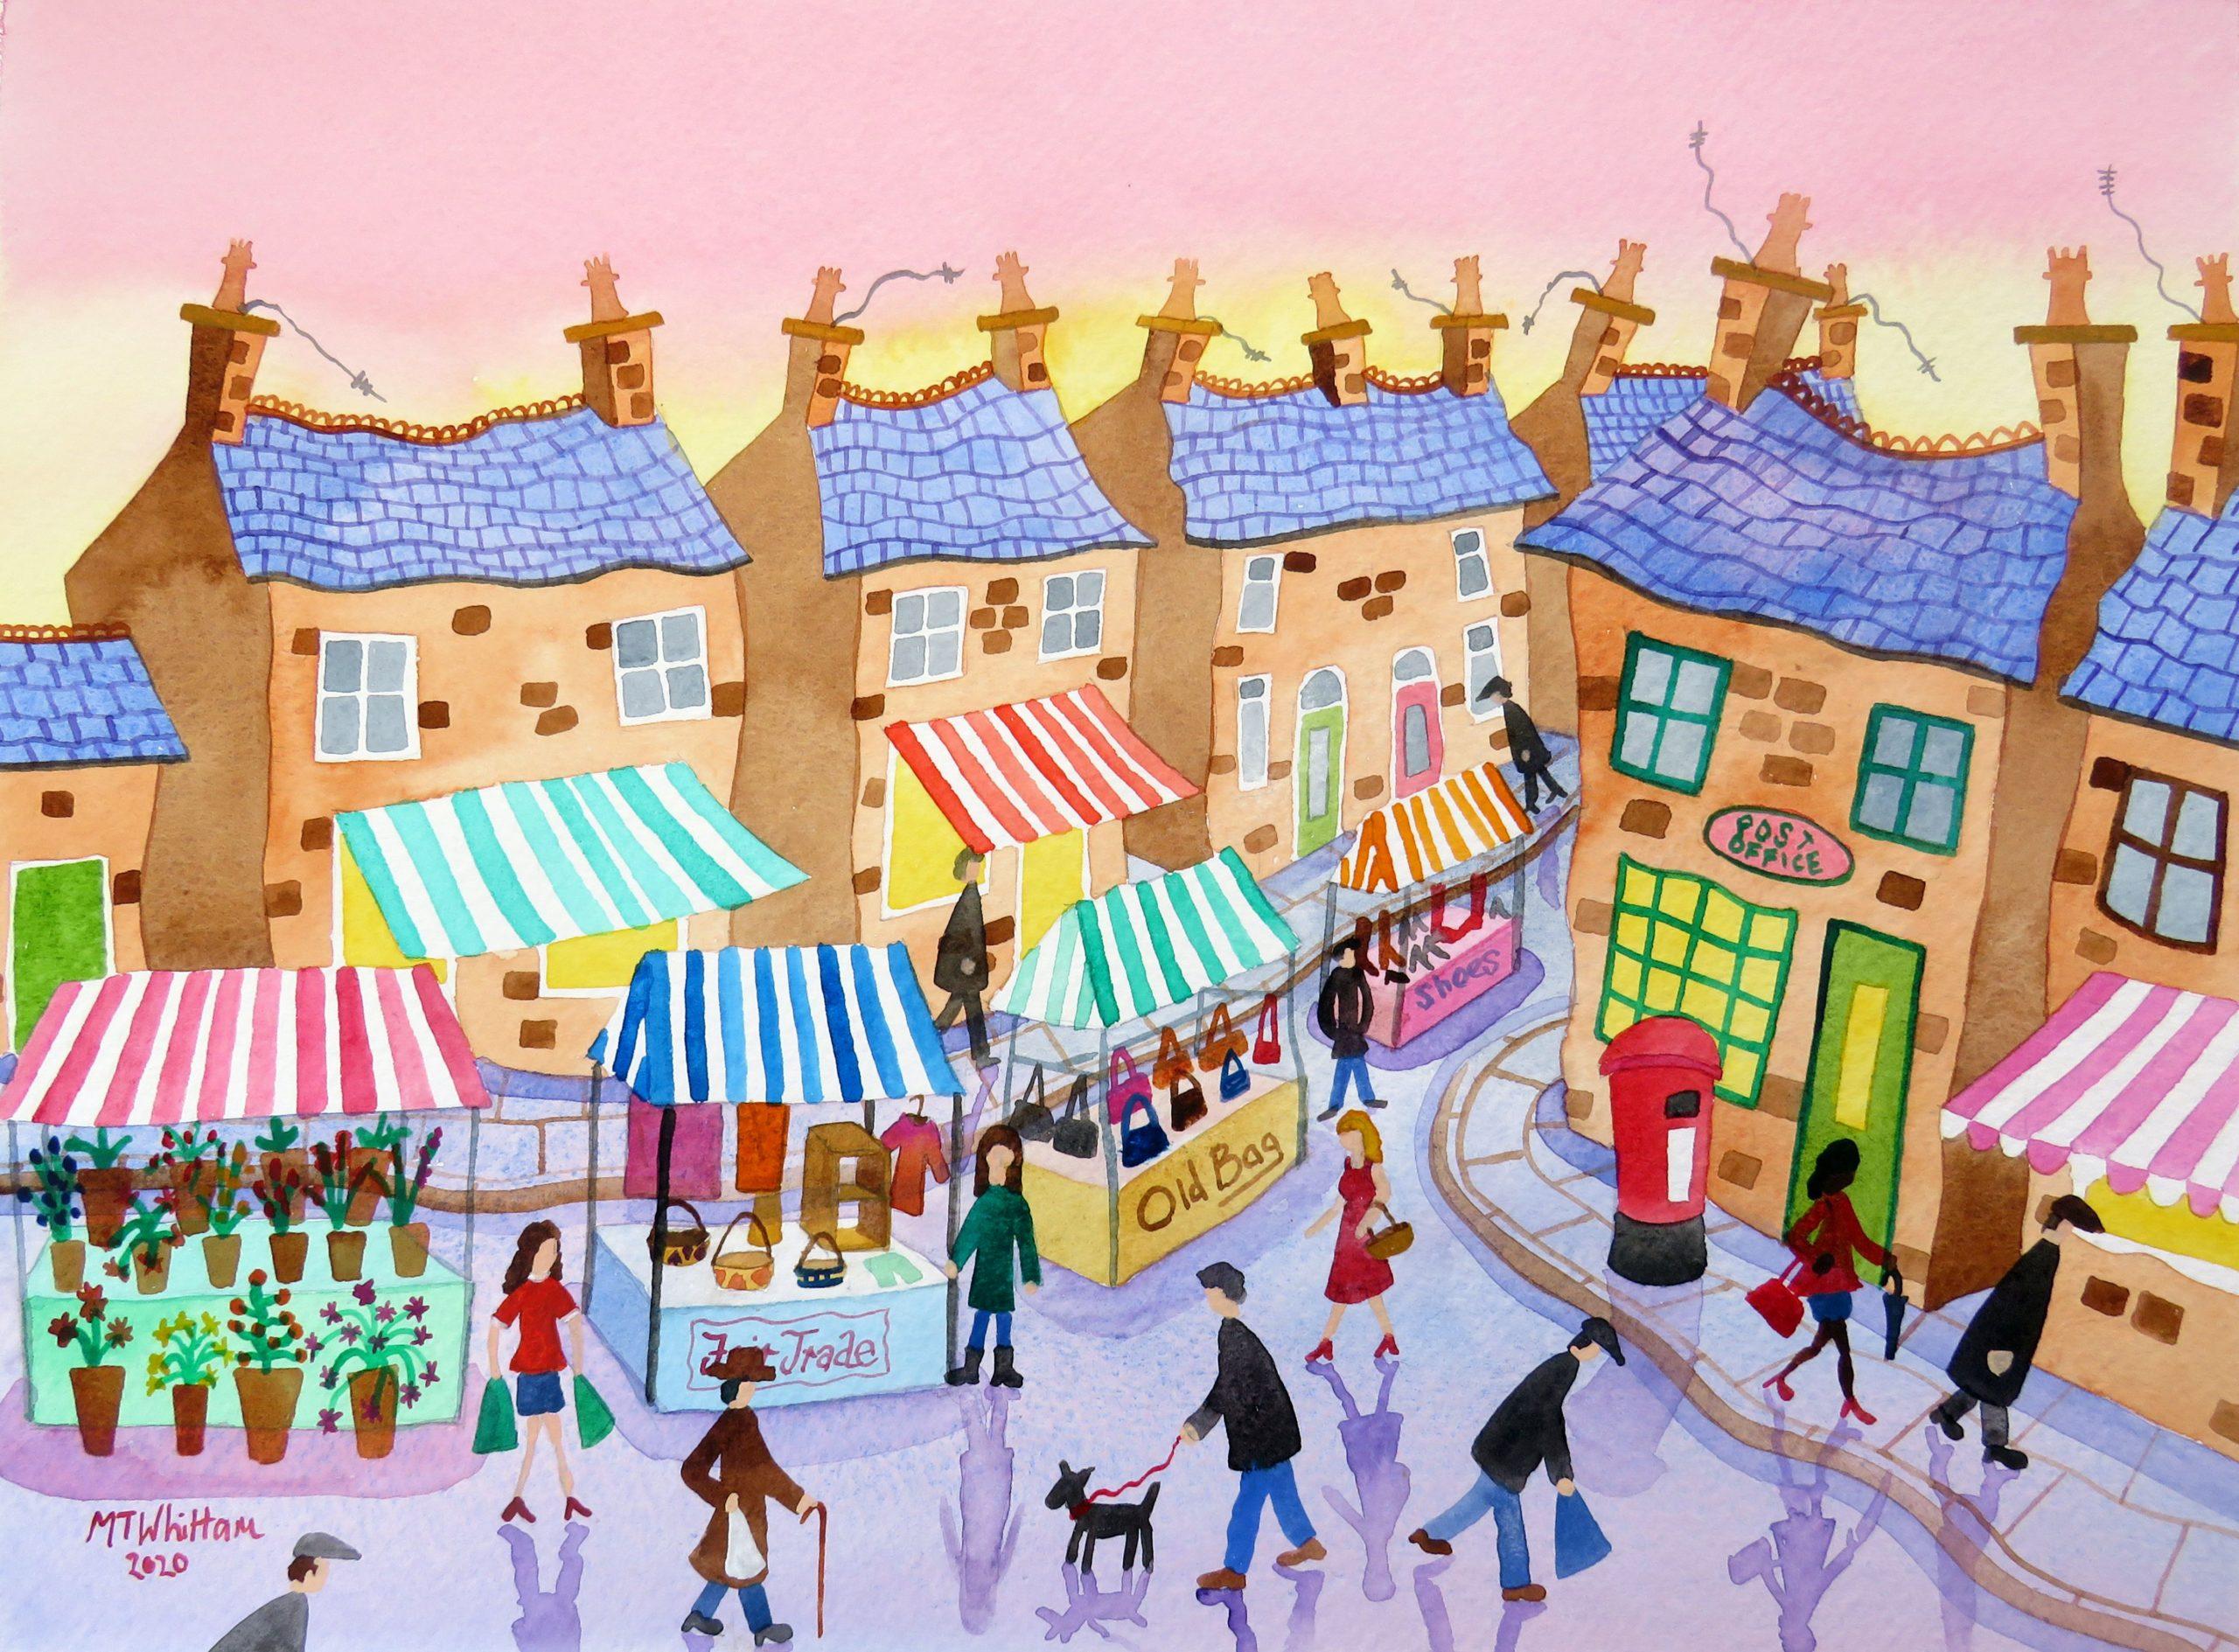 Market Street by Martin Whittam